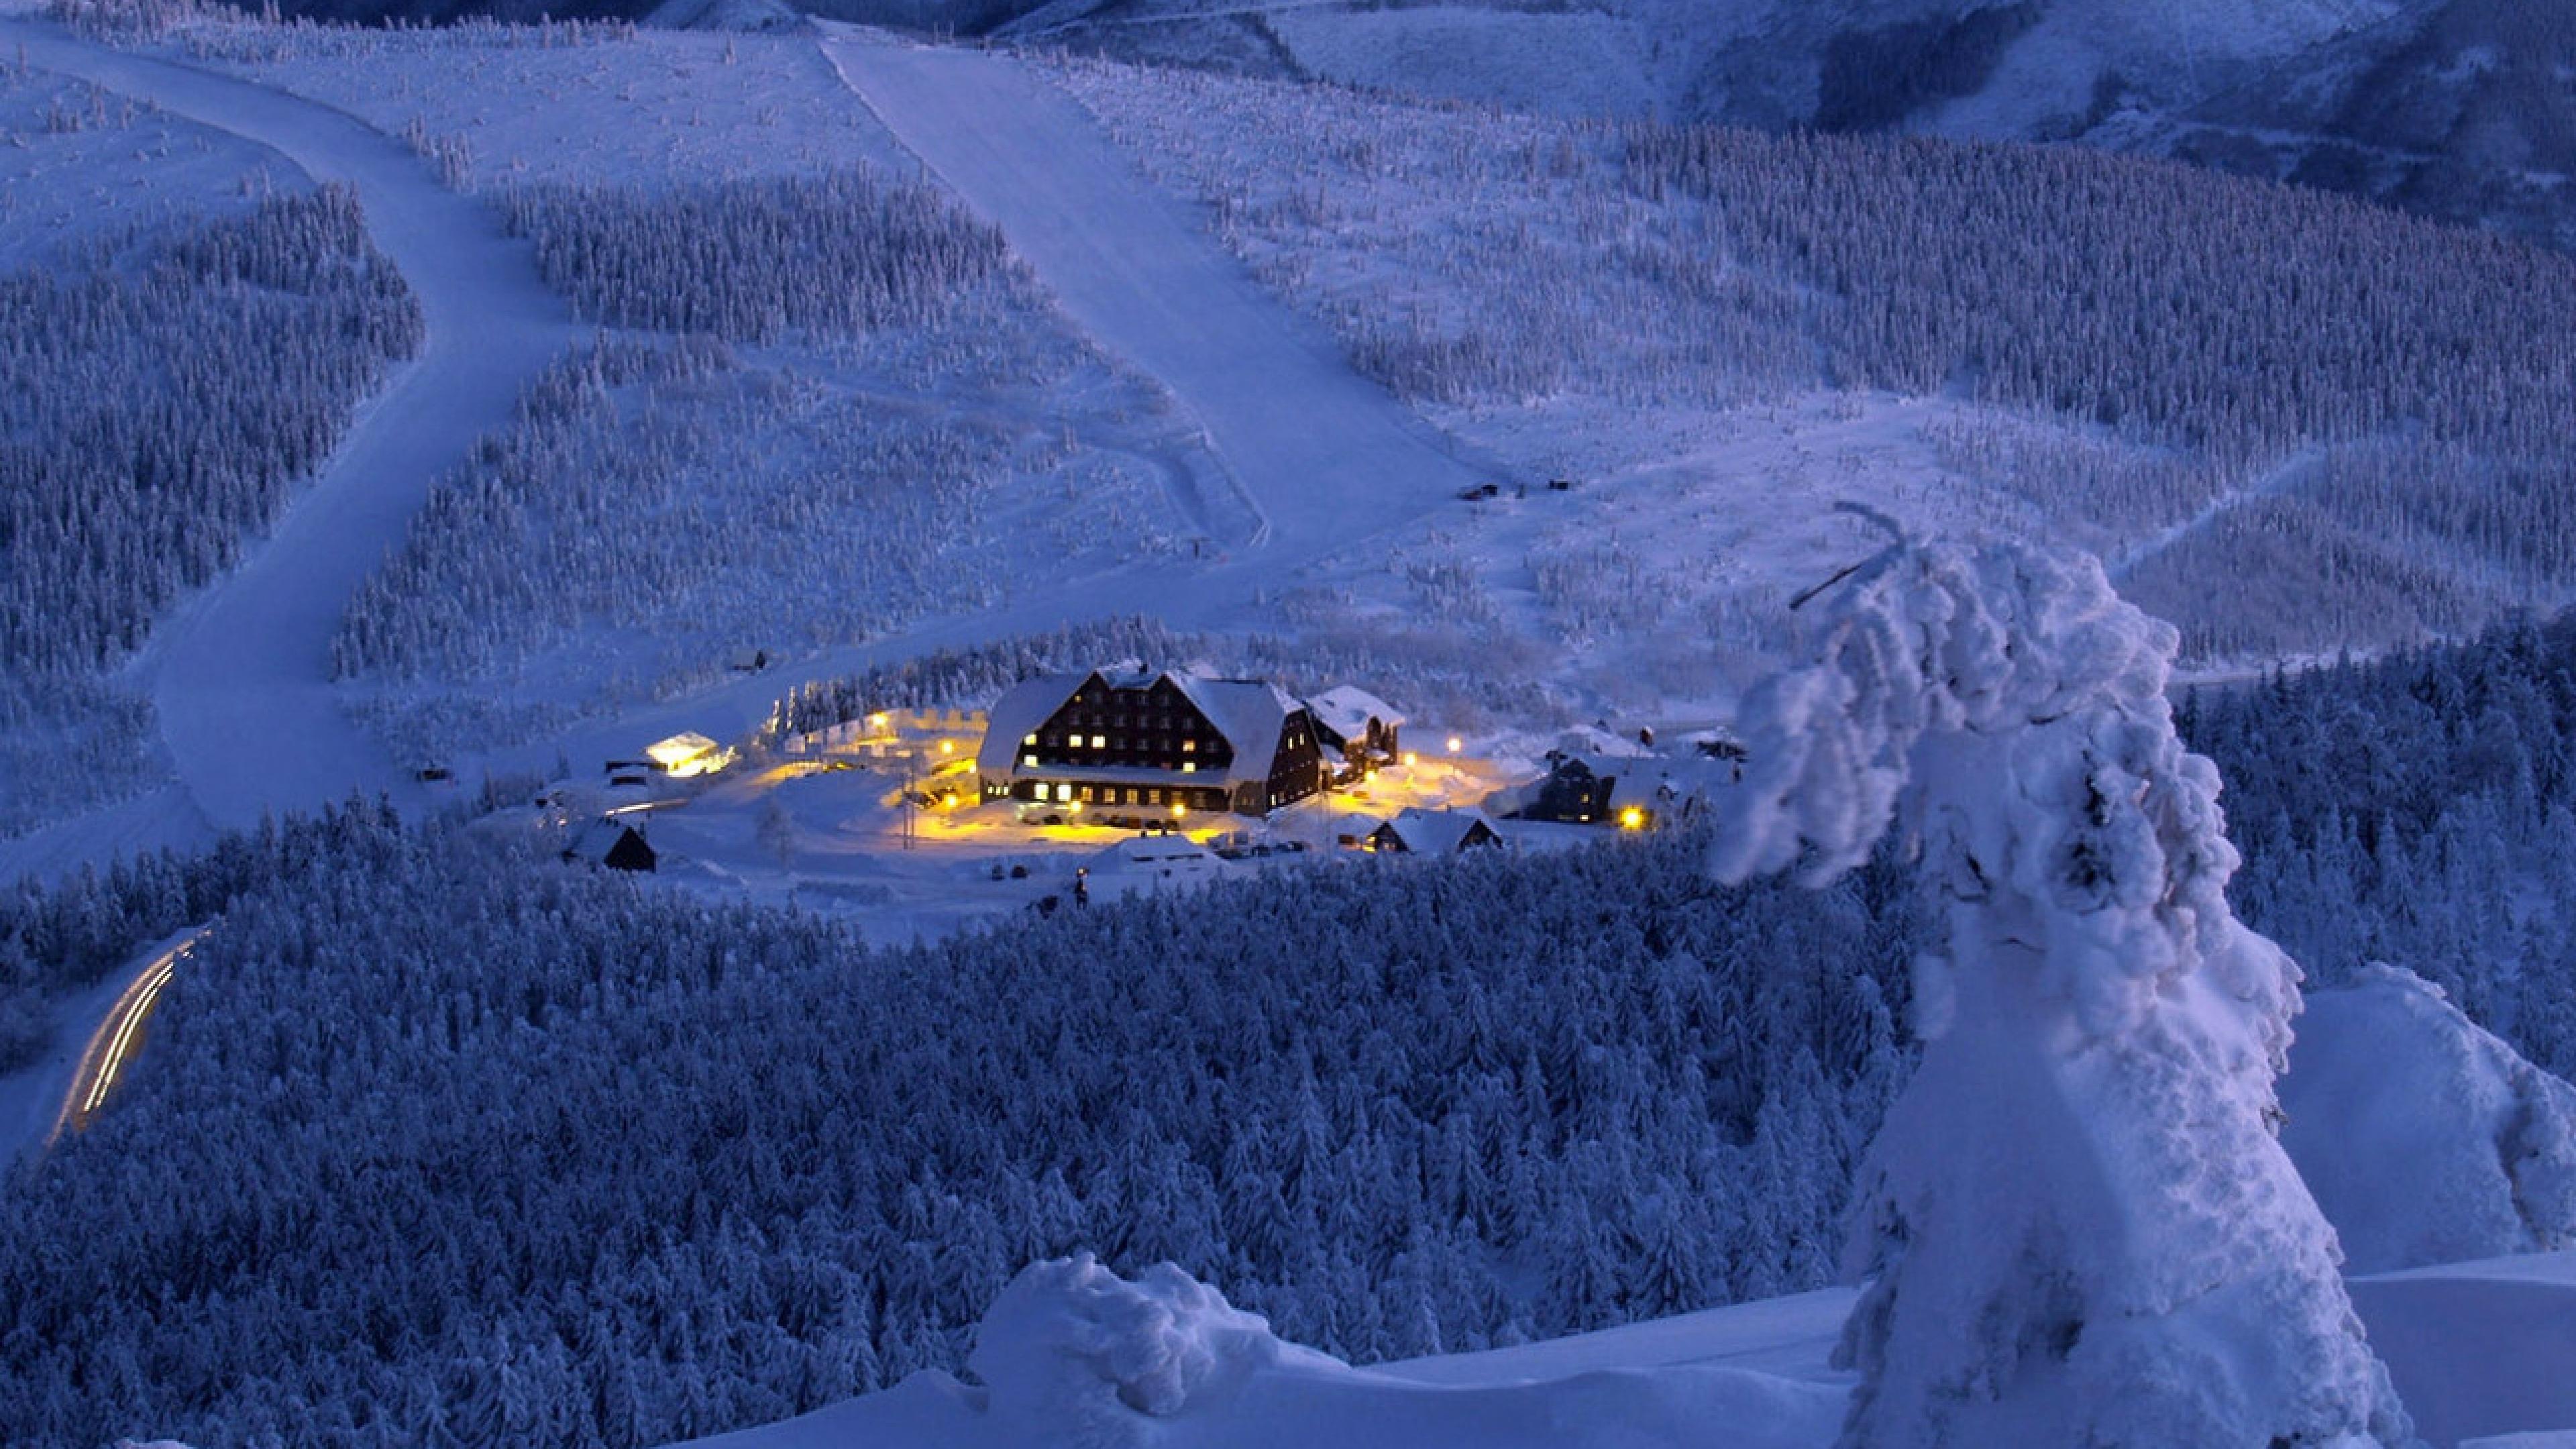 46 snowy hd wallpapers 3840x2160 on wallpapersafari for Sfondi invernali per desktop gratis